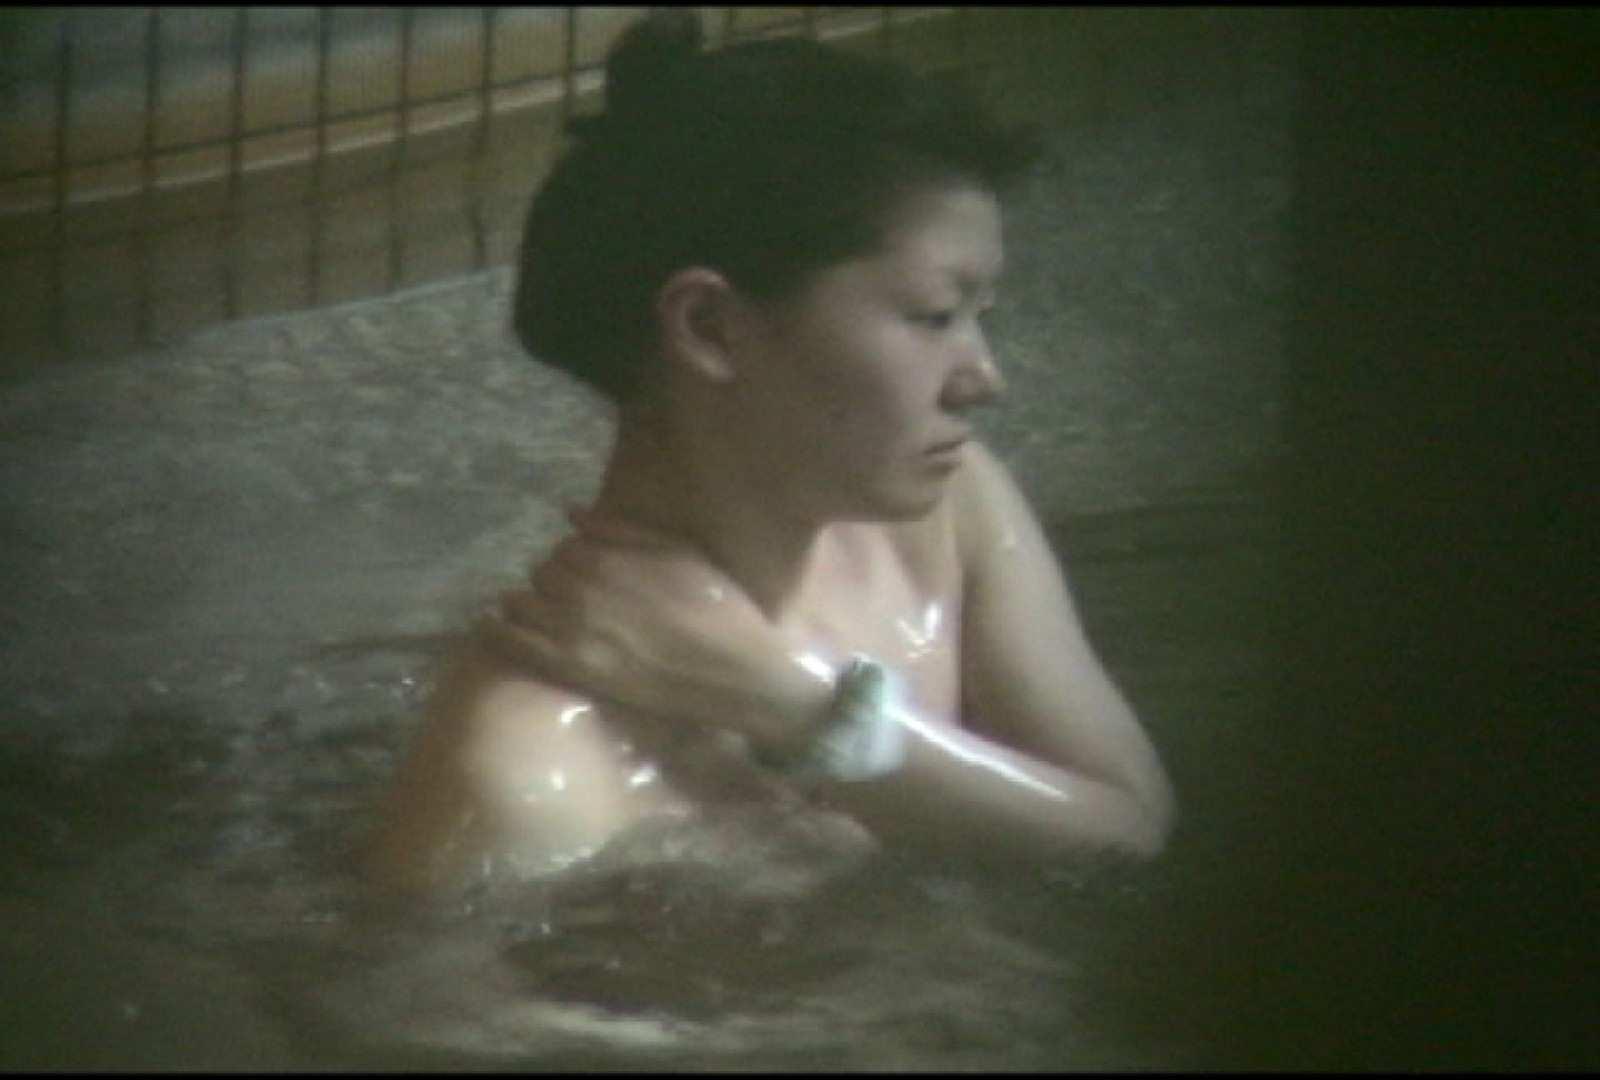 Aquaな露天風呂Vol.699 美しいOLの裸体  101pic 42